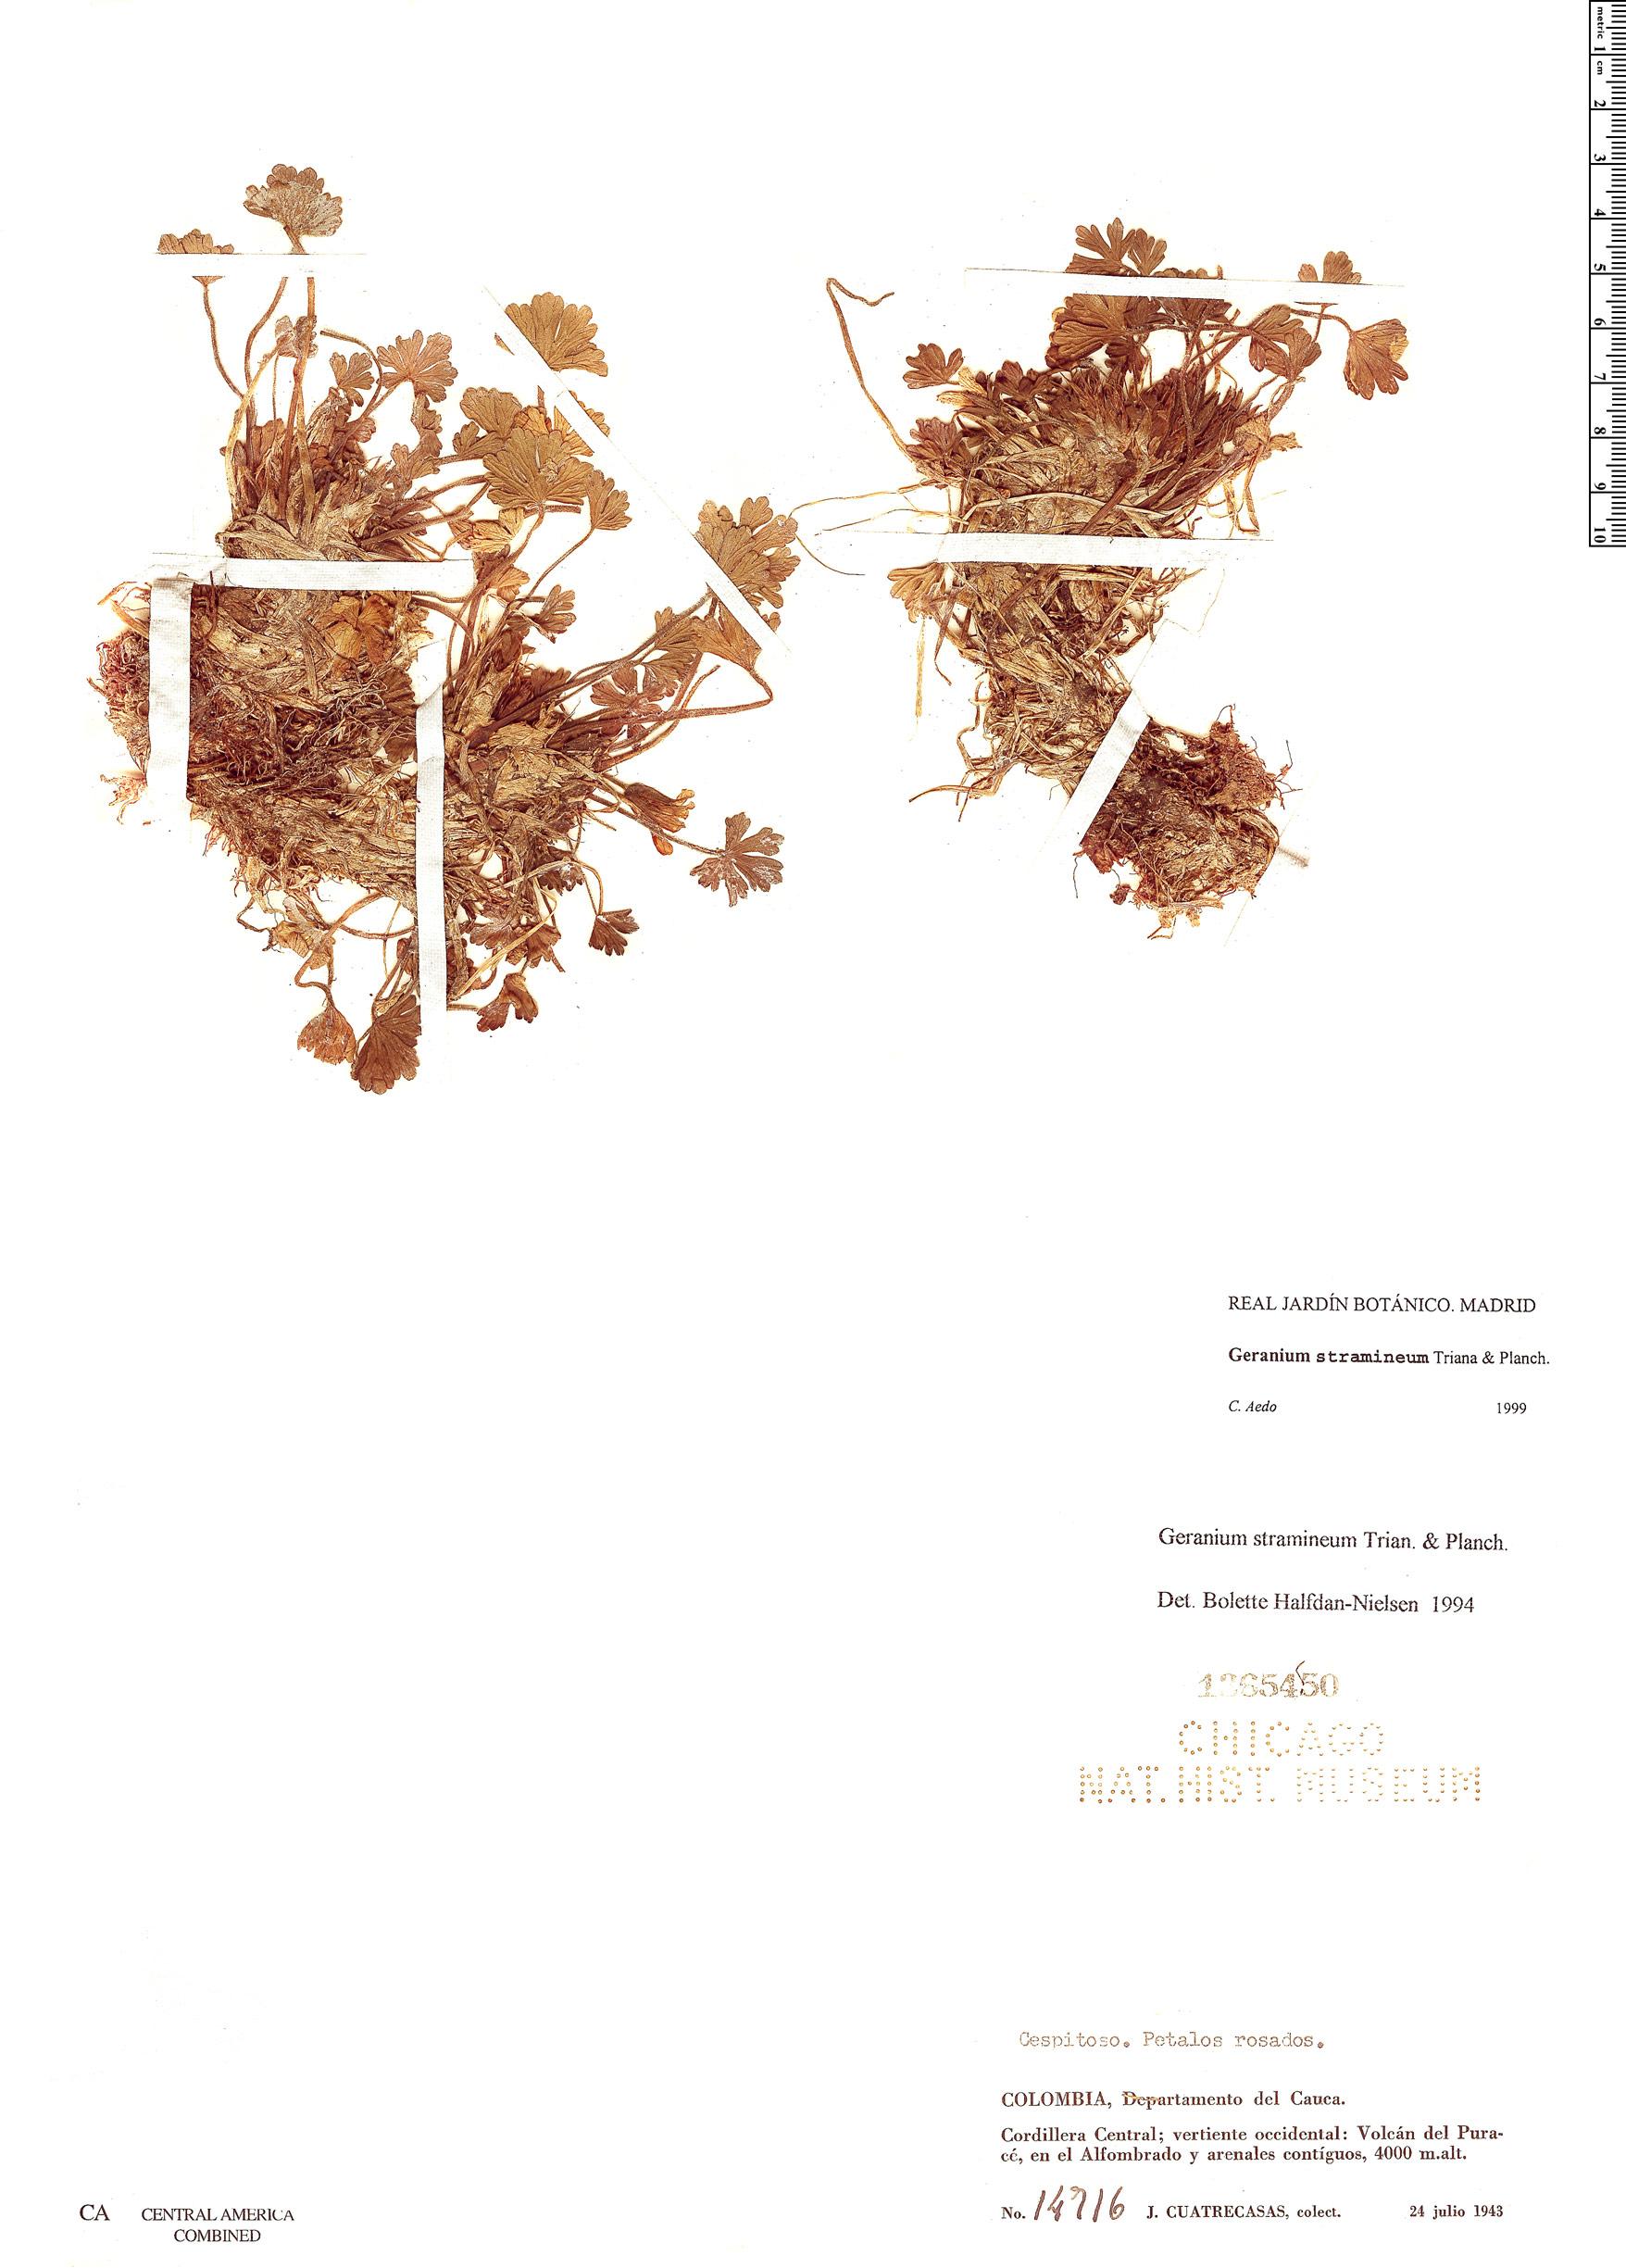 Geranium stramineum image